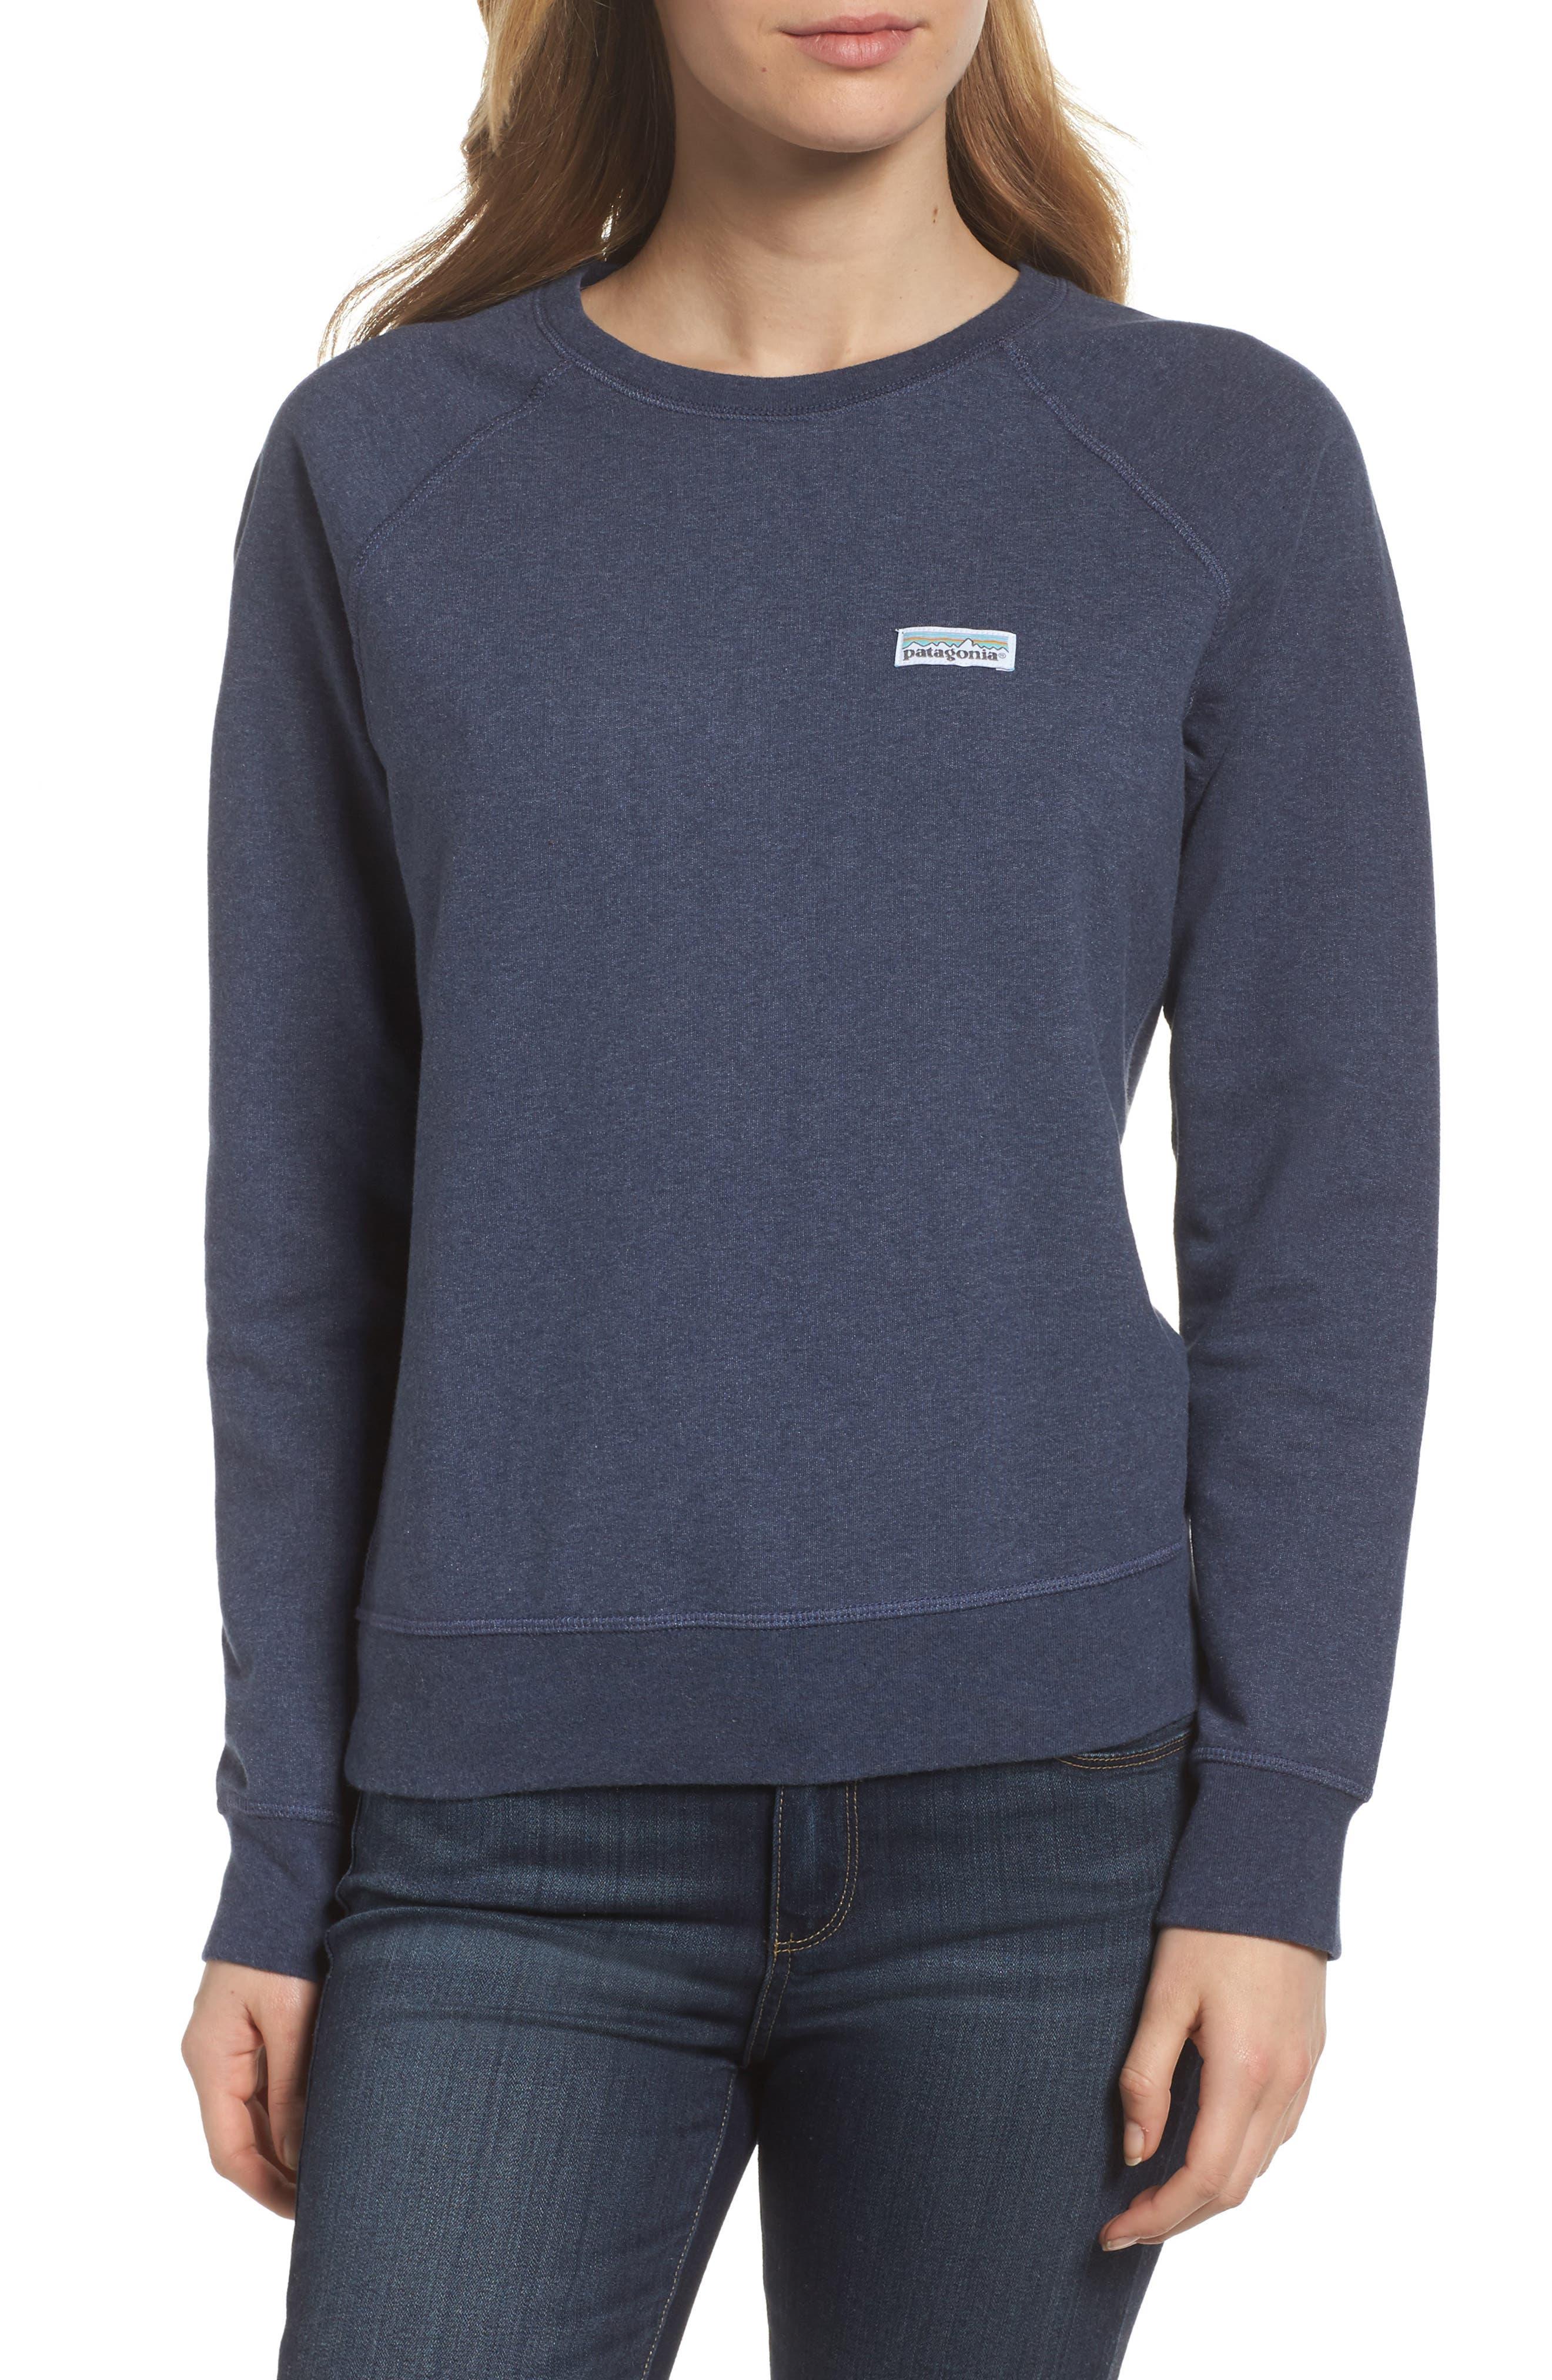 Patagonia Pastel P-6 Label Midweight Sweatshirt